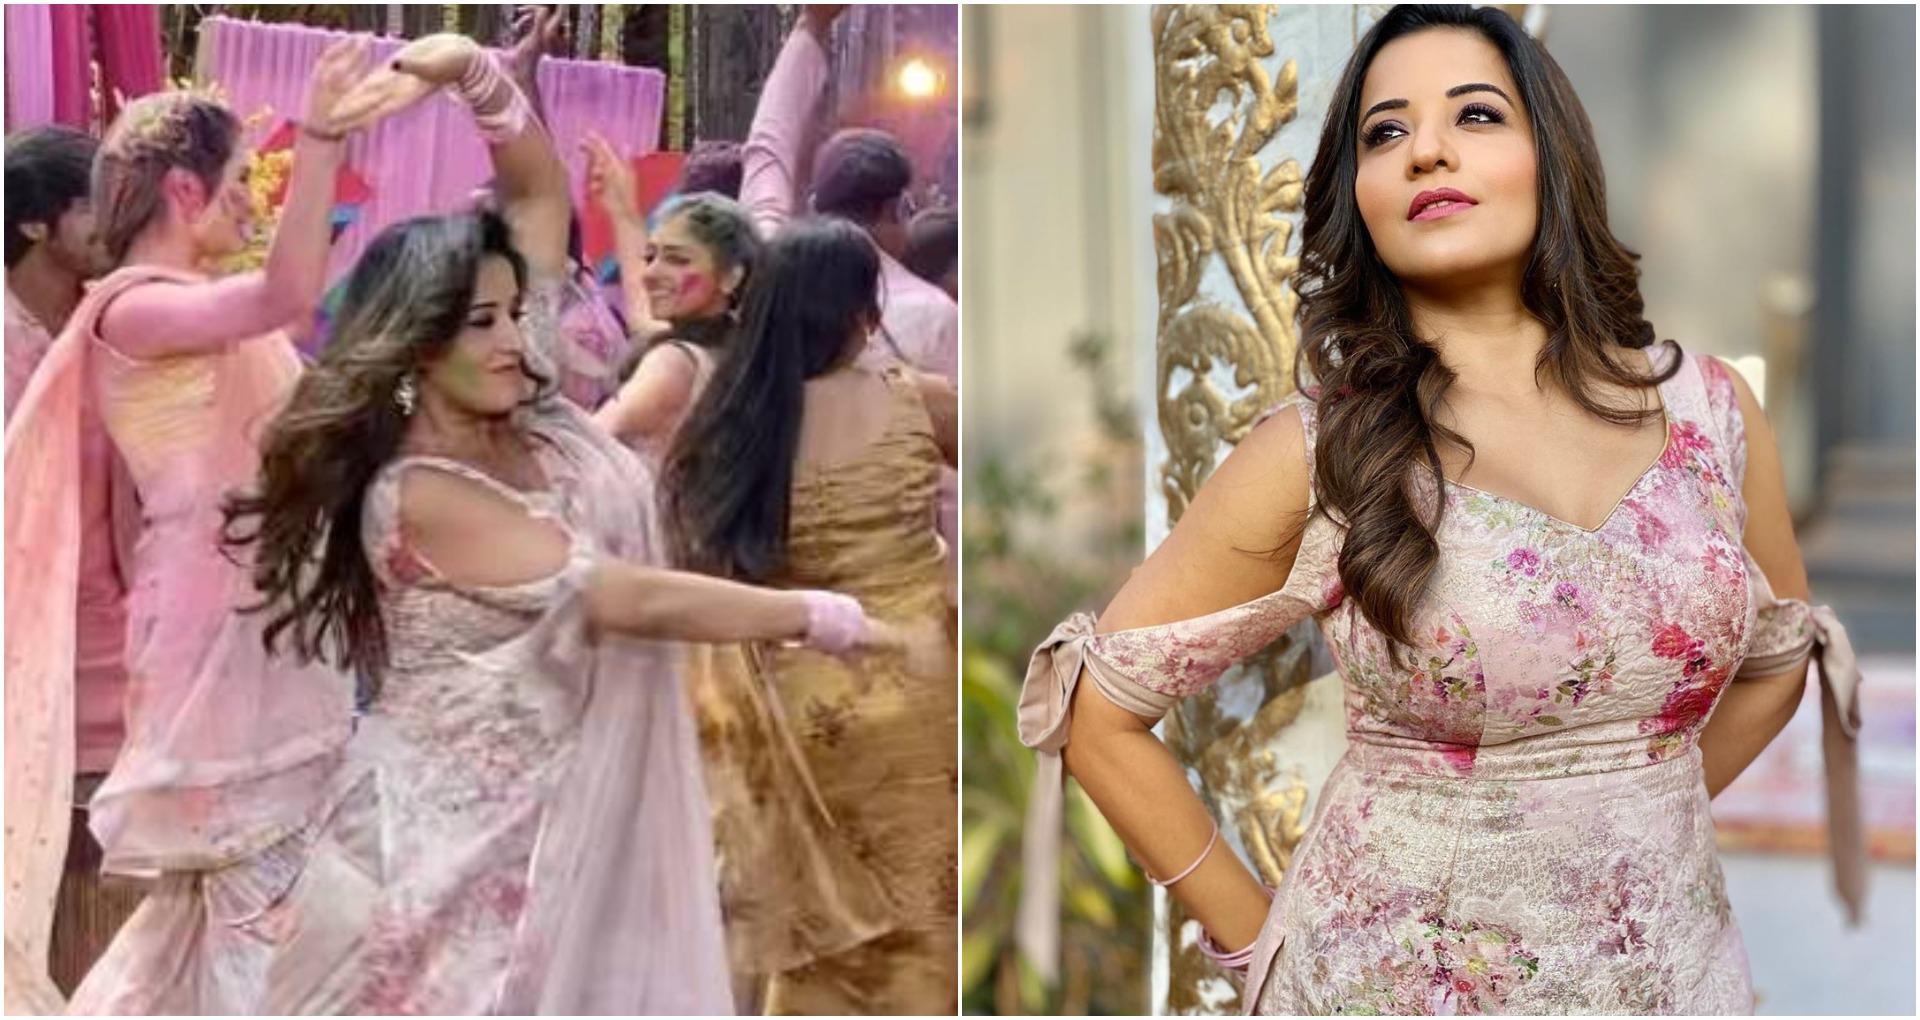 Monalisa Dance Video: दीपिका पादुकोण का गाना 'नगाड़े संग…' पर मोनालिसा ने ऐसे लगाये ठुमके कि लोग देखते रह गए